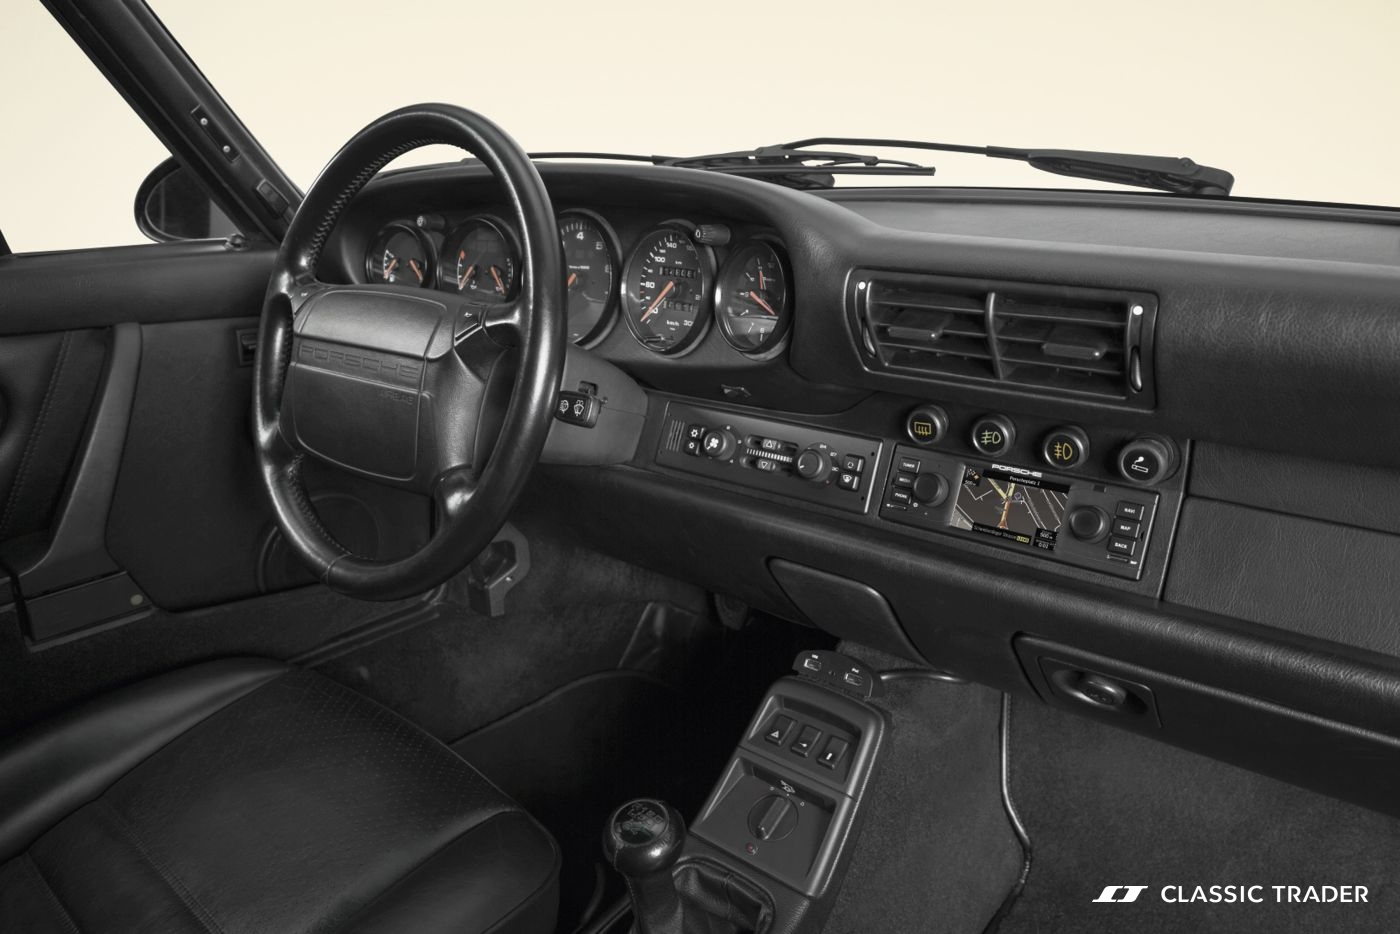 Porsche Classic Navigationsgeraet 4